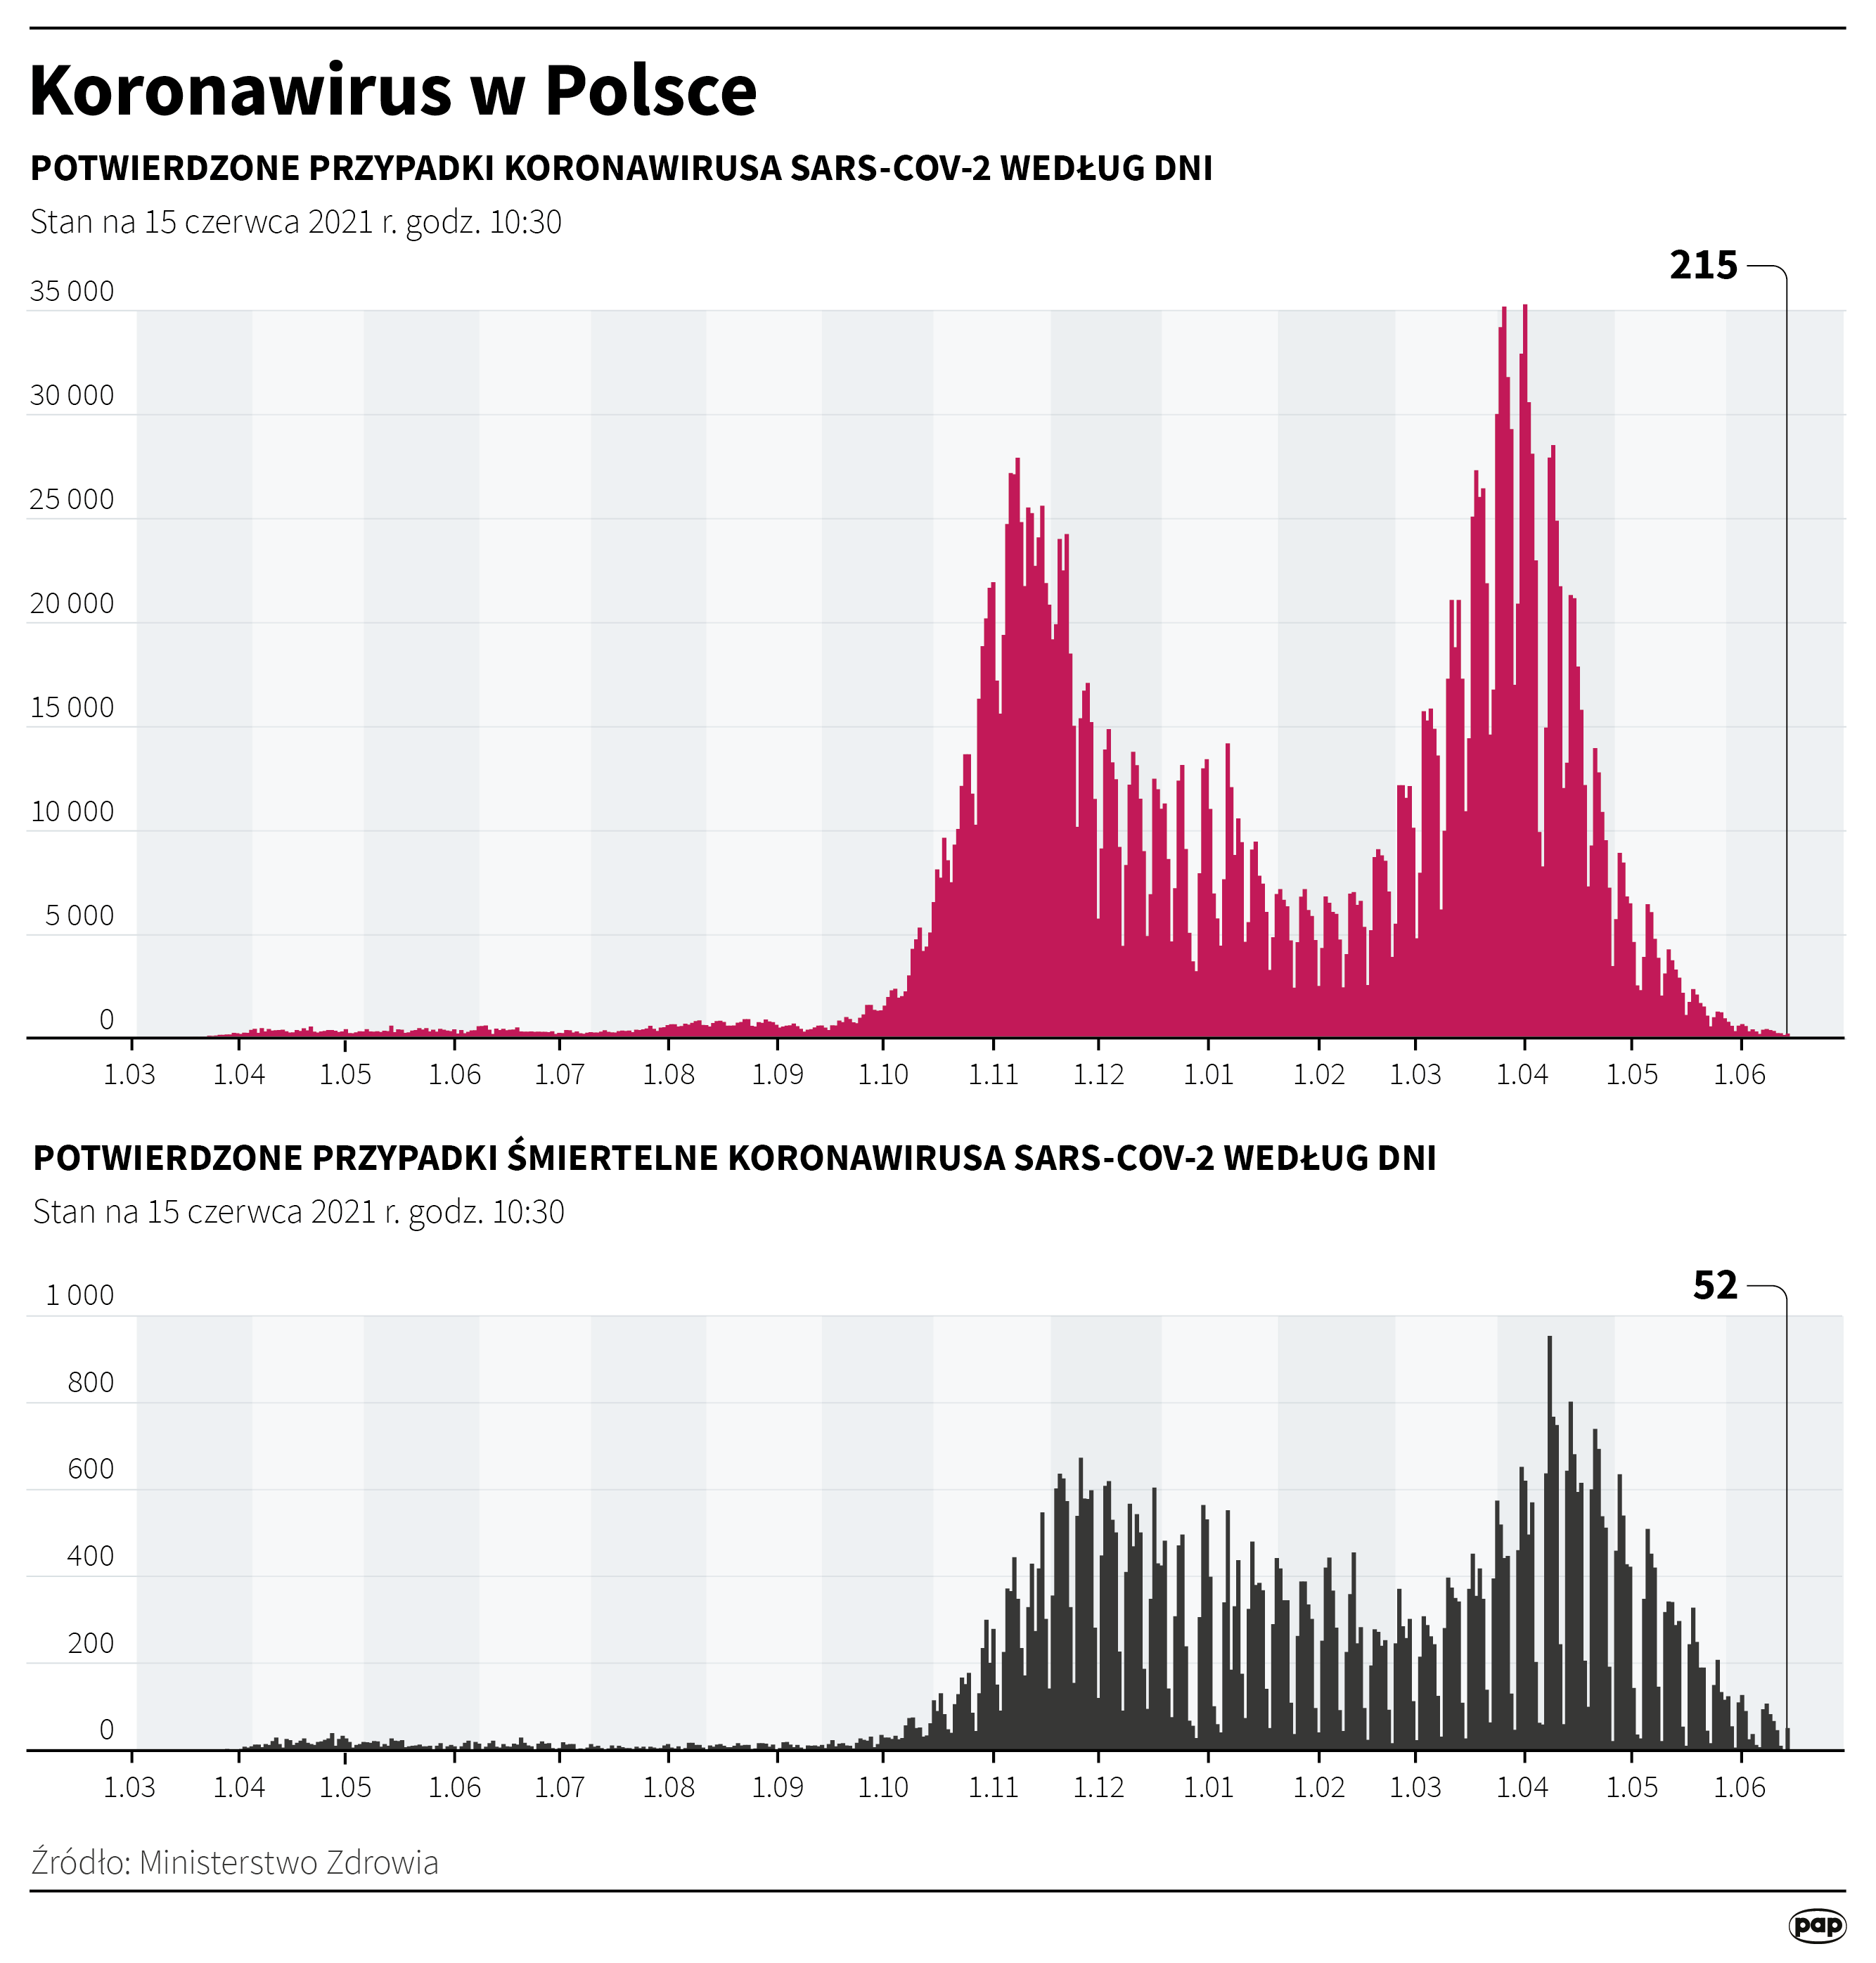 Koronawirus w Polsce - stan na 15 czerwca [Autor: Maria Samczuk, źródło: PAP]